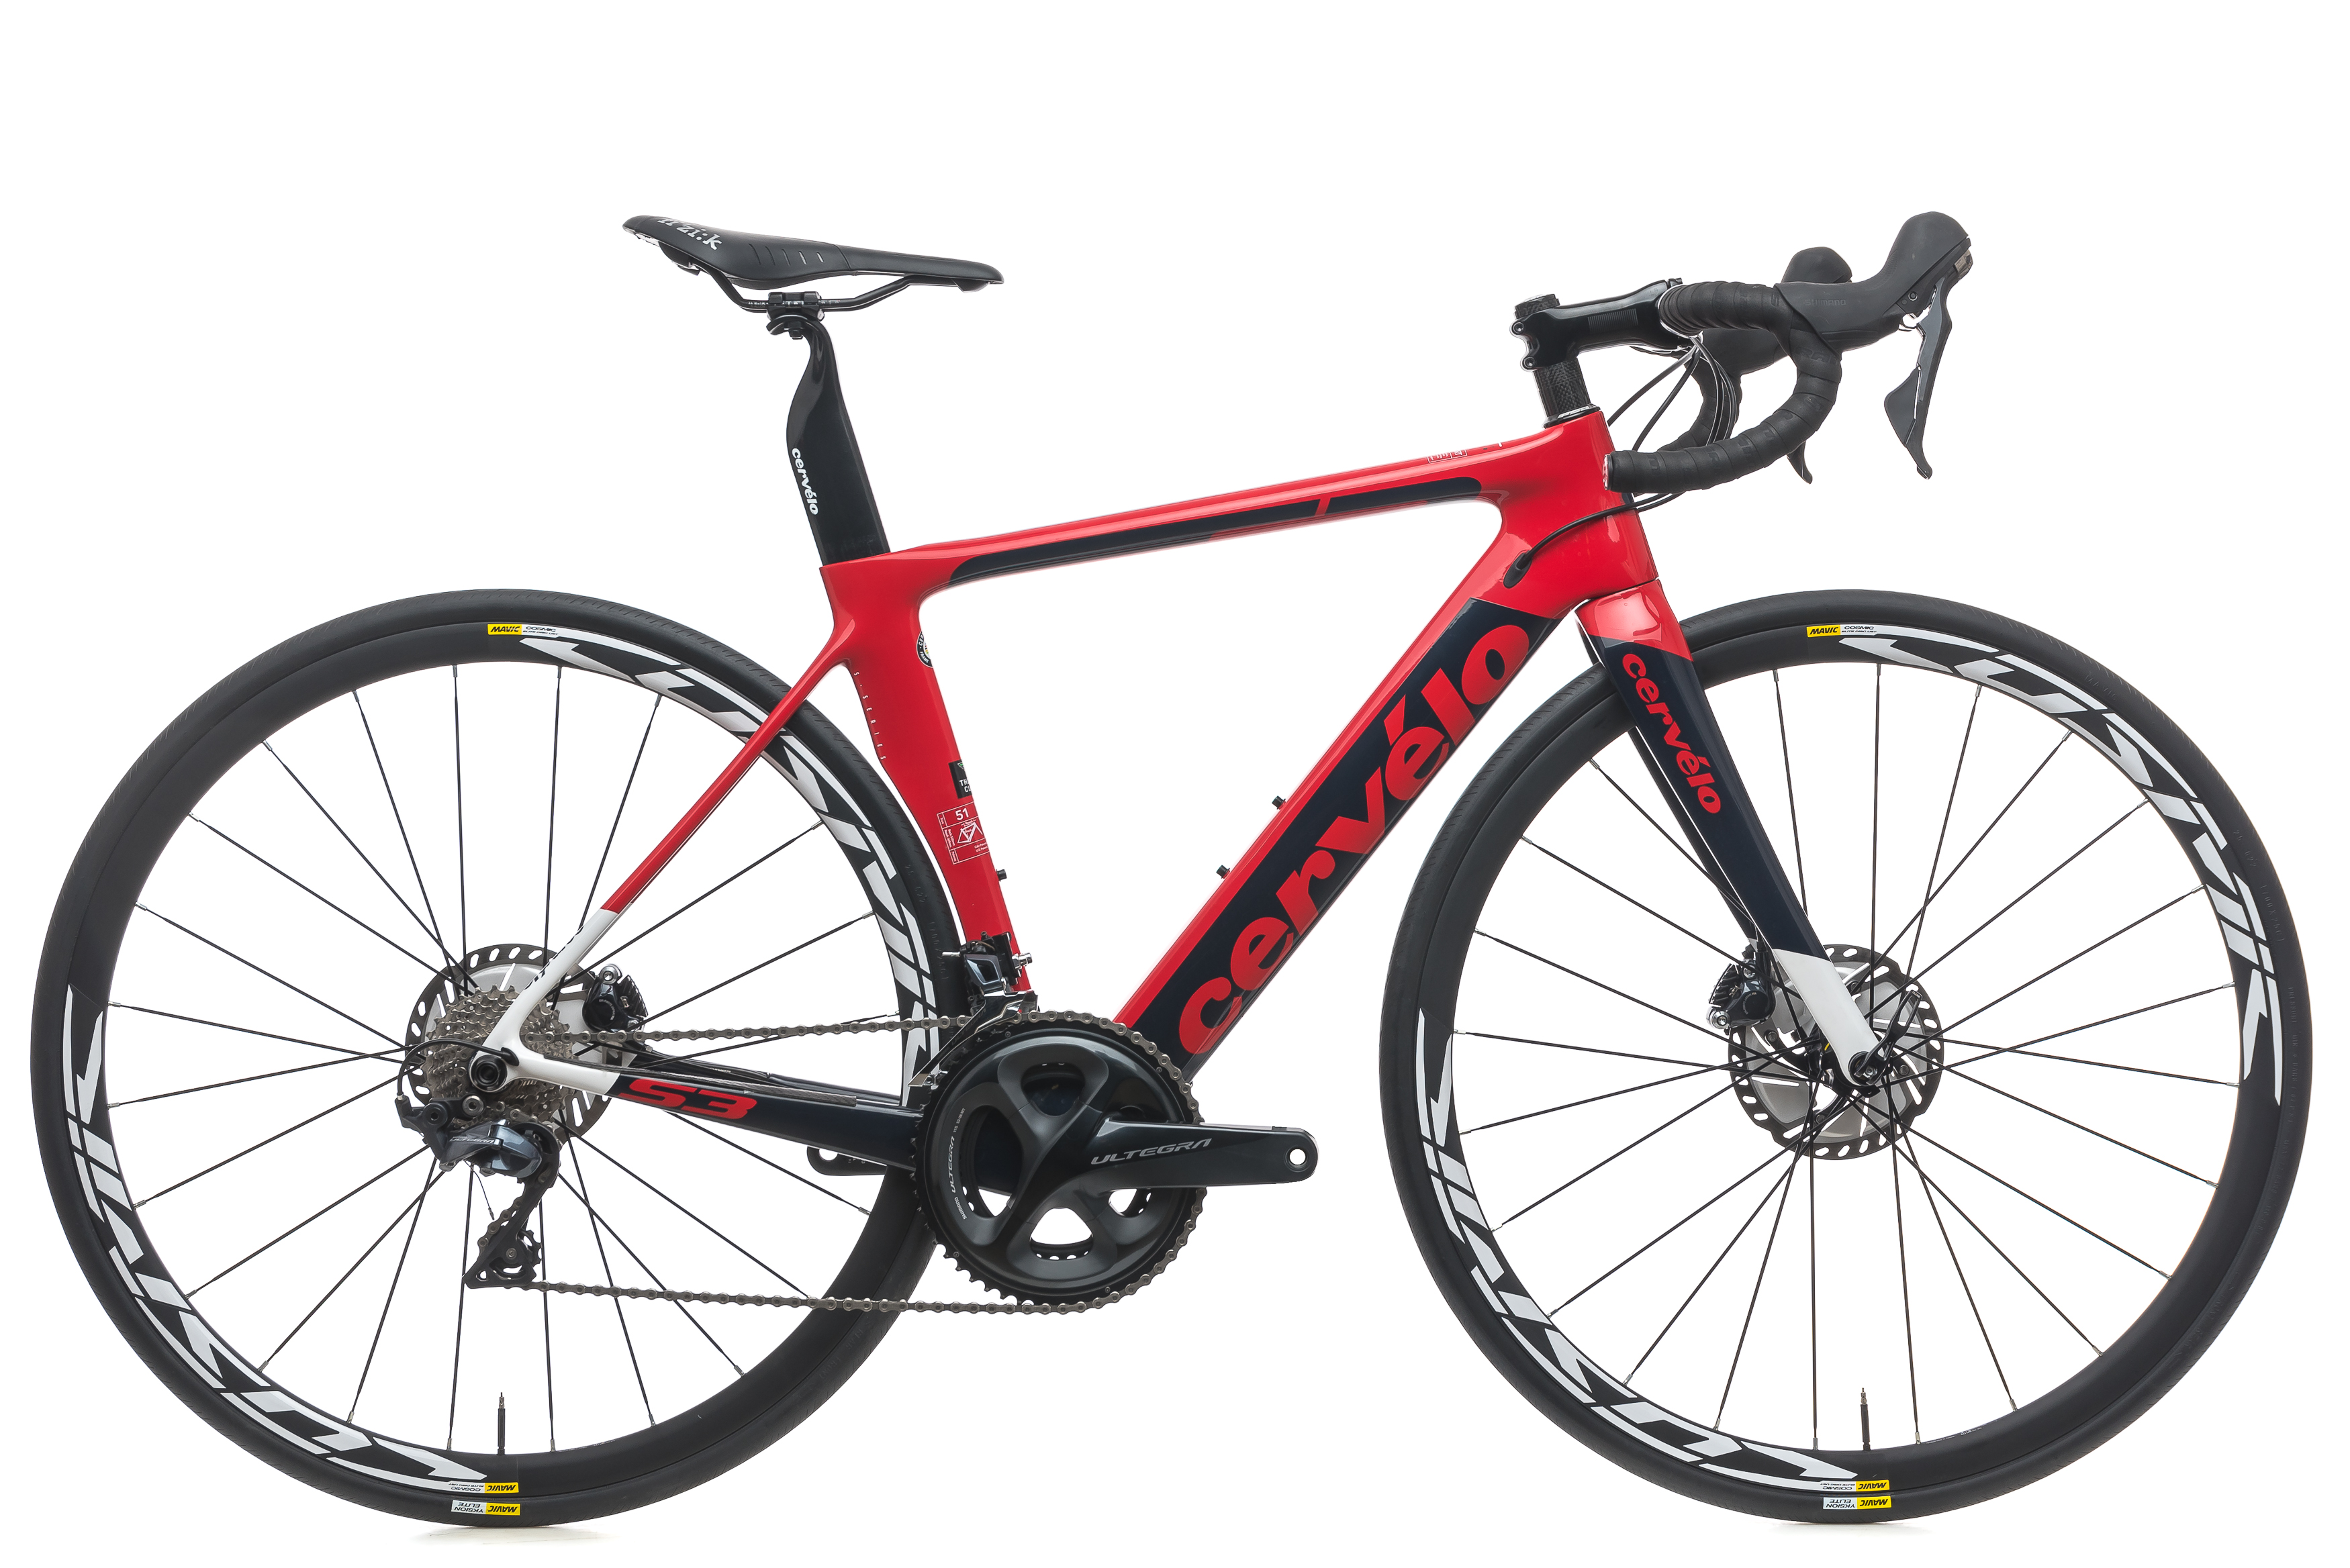 1550ddddc44 2018 Cervelo S3 Disc Road Bike 51cm Carbon Shimano Ultegra 11s Mavic Cosmic